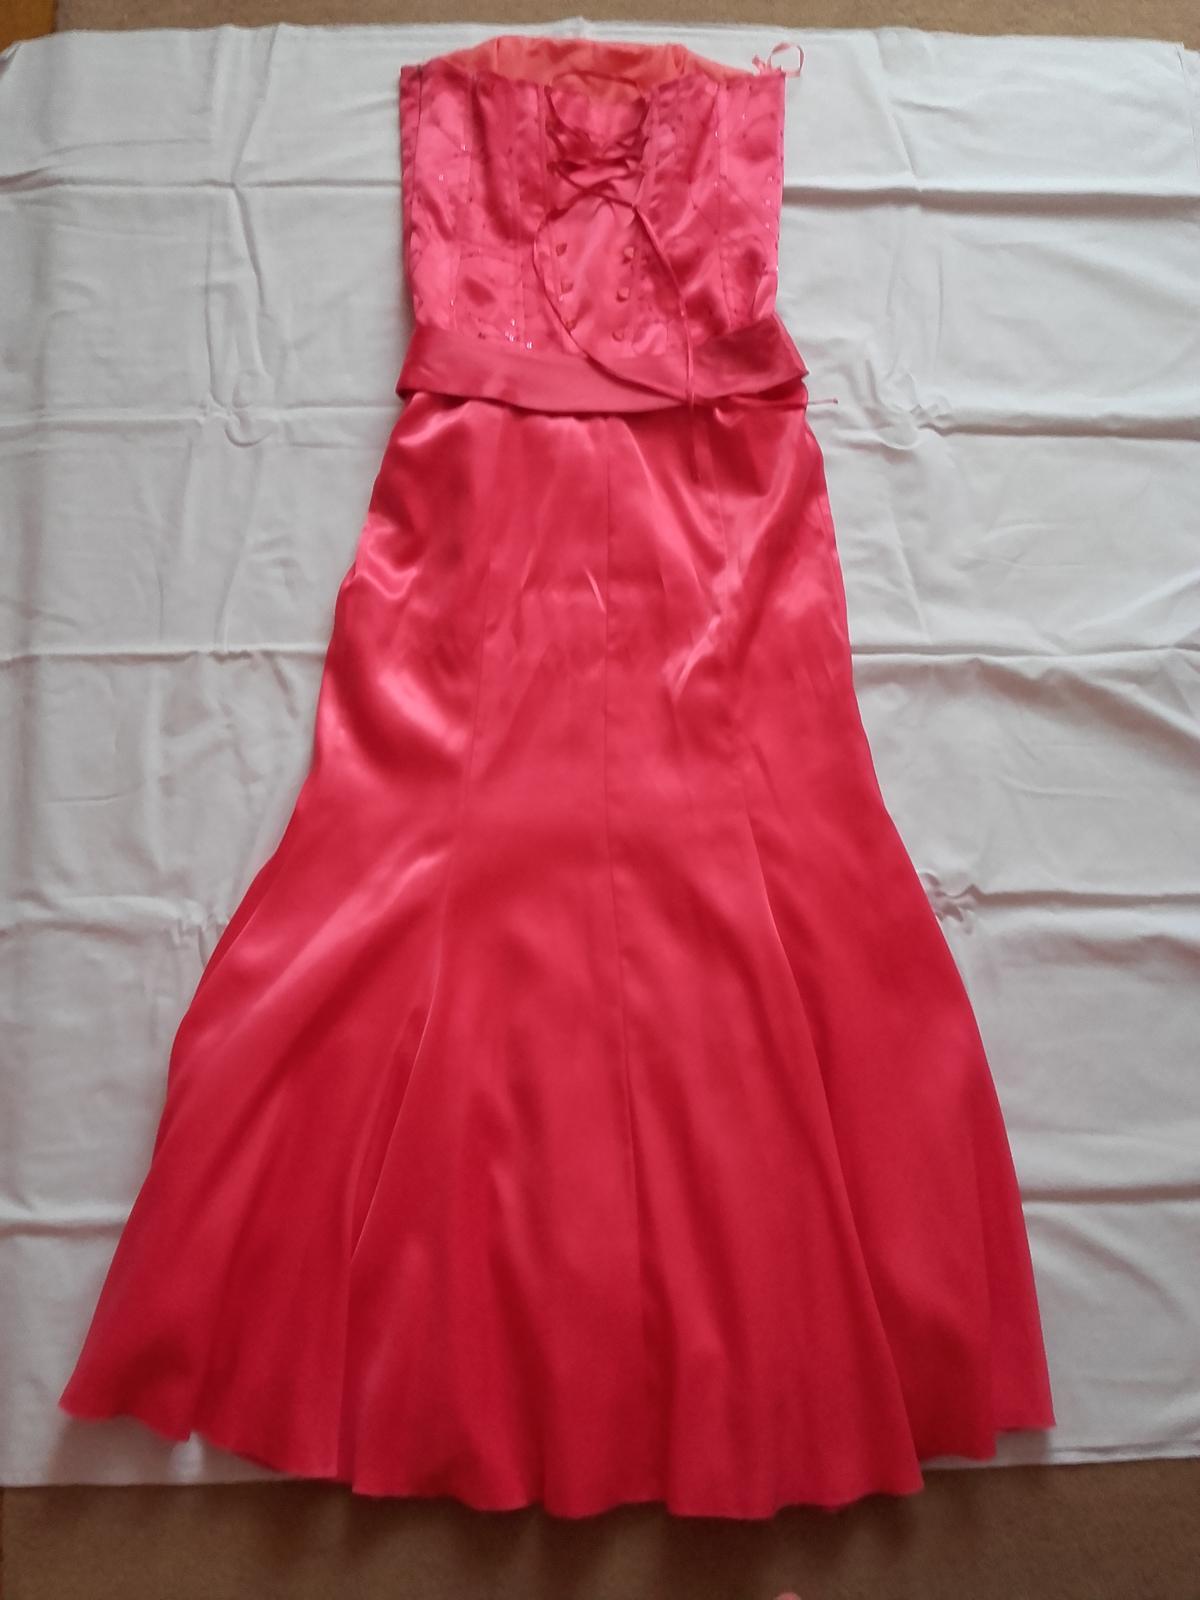 Dlhé spoločenské korzetové šaty, veľkosť č. 36/38 - Obrázok č. 3